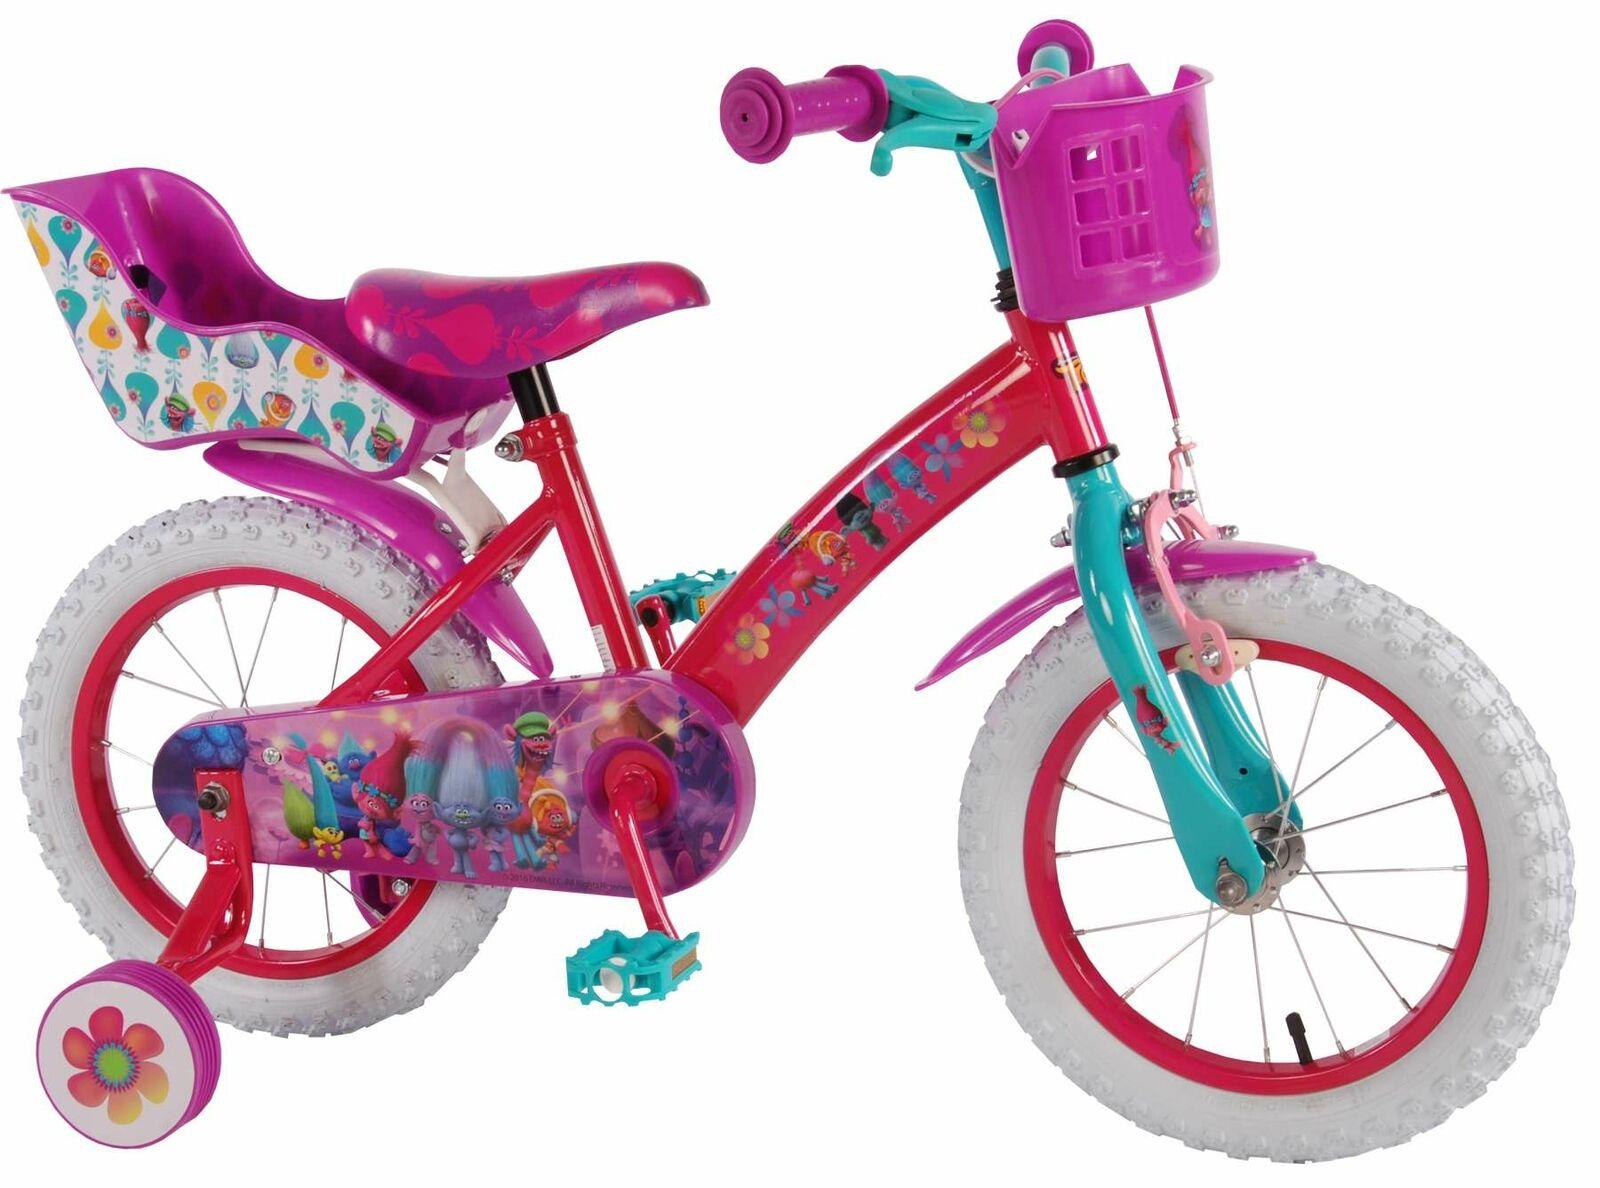 16 Zoll Punky Mädchenfahrrad Mädchenfahrrad Mädchenfahrrad Mädchen Rad Kinder Rad Fahrrad 6f8693